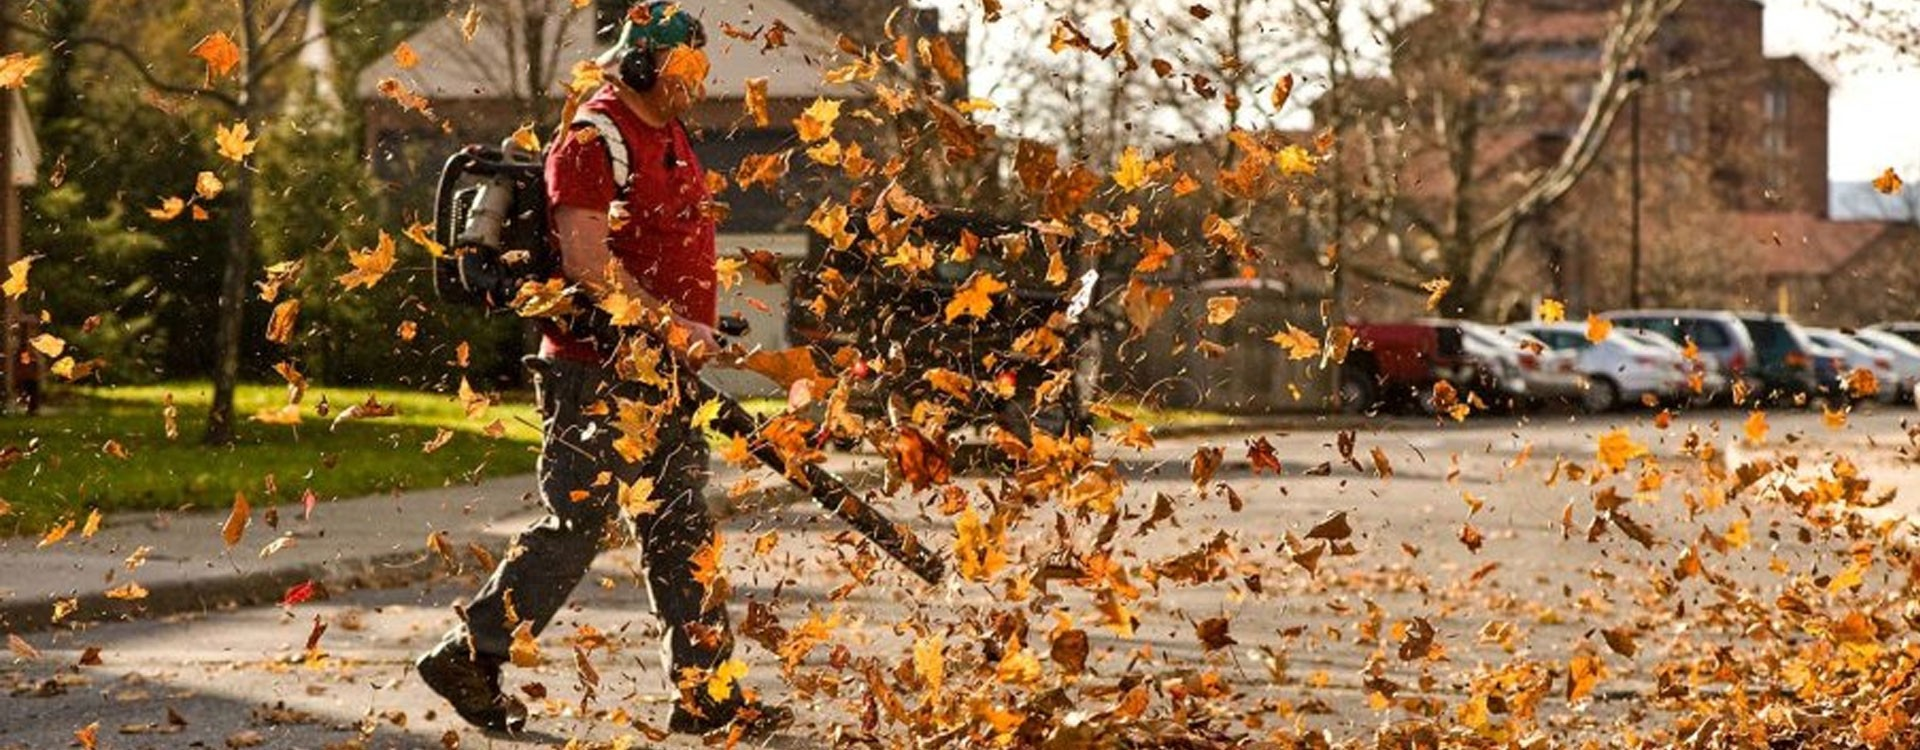 Le souffleur : l'outil indispensable pour se débarrasser des feuilles mortes